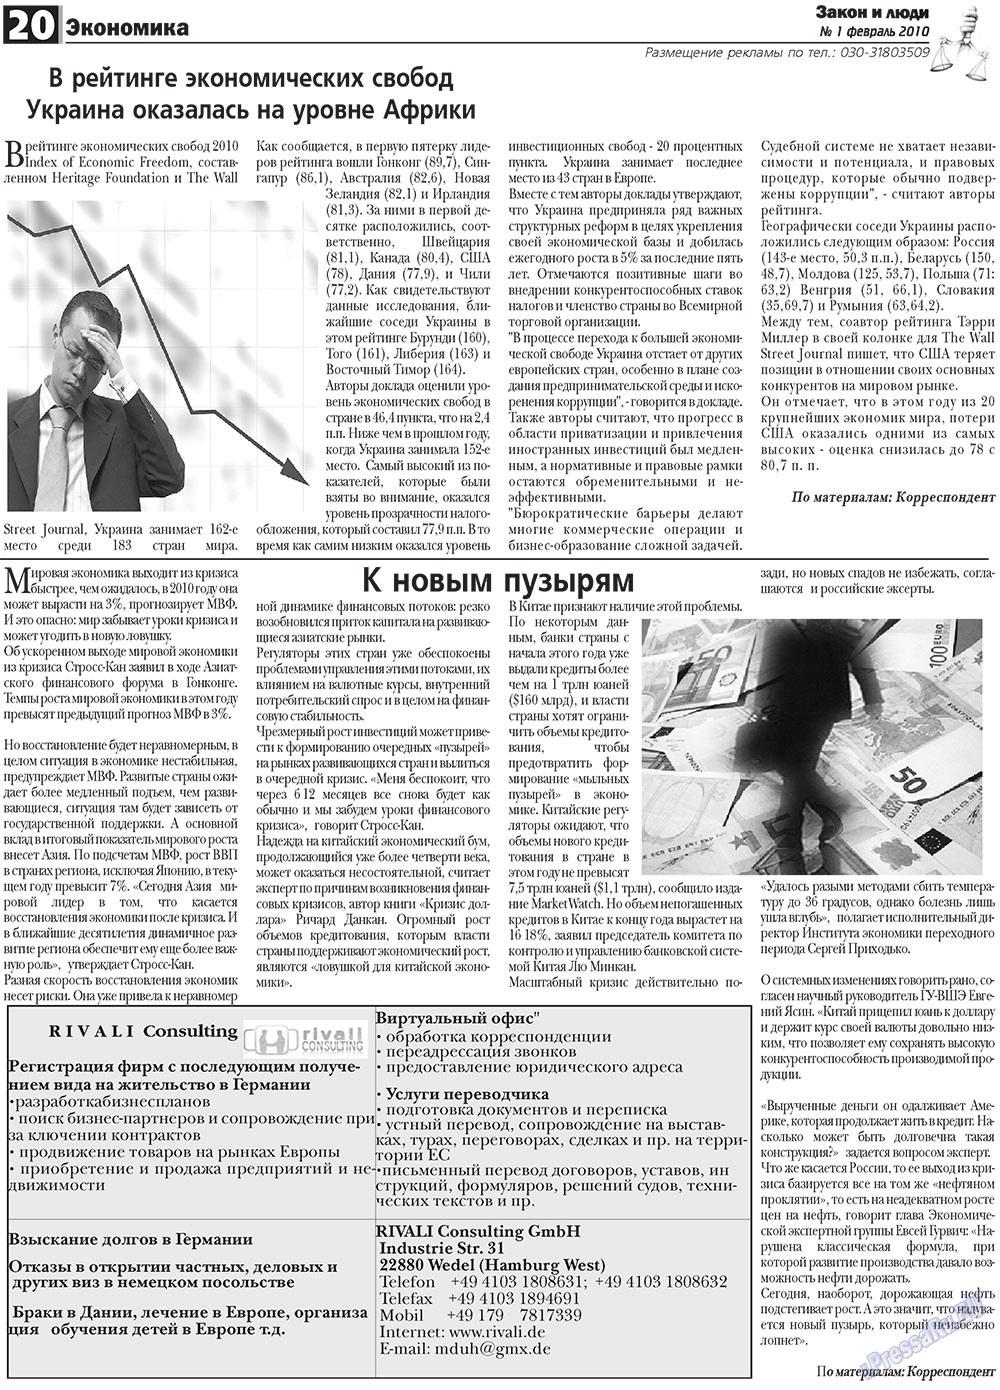 Закон и люди (газета). 2010 год, номер 1, стр. 20